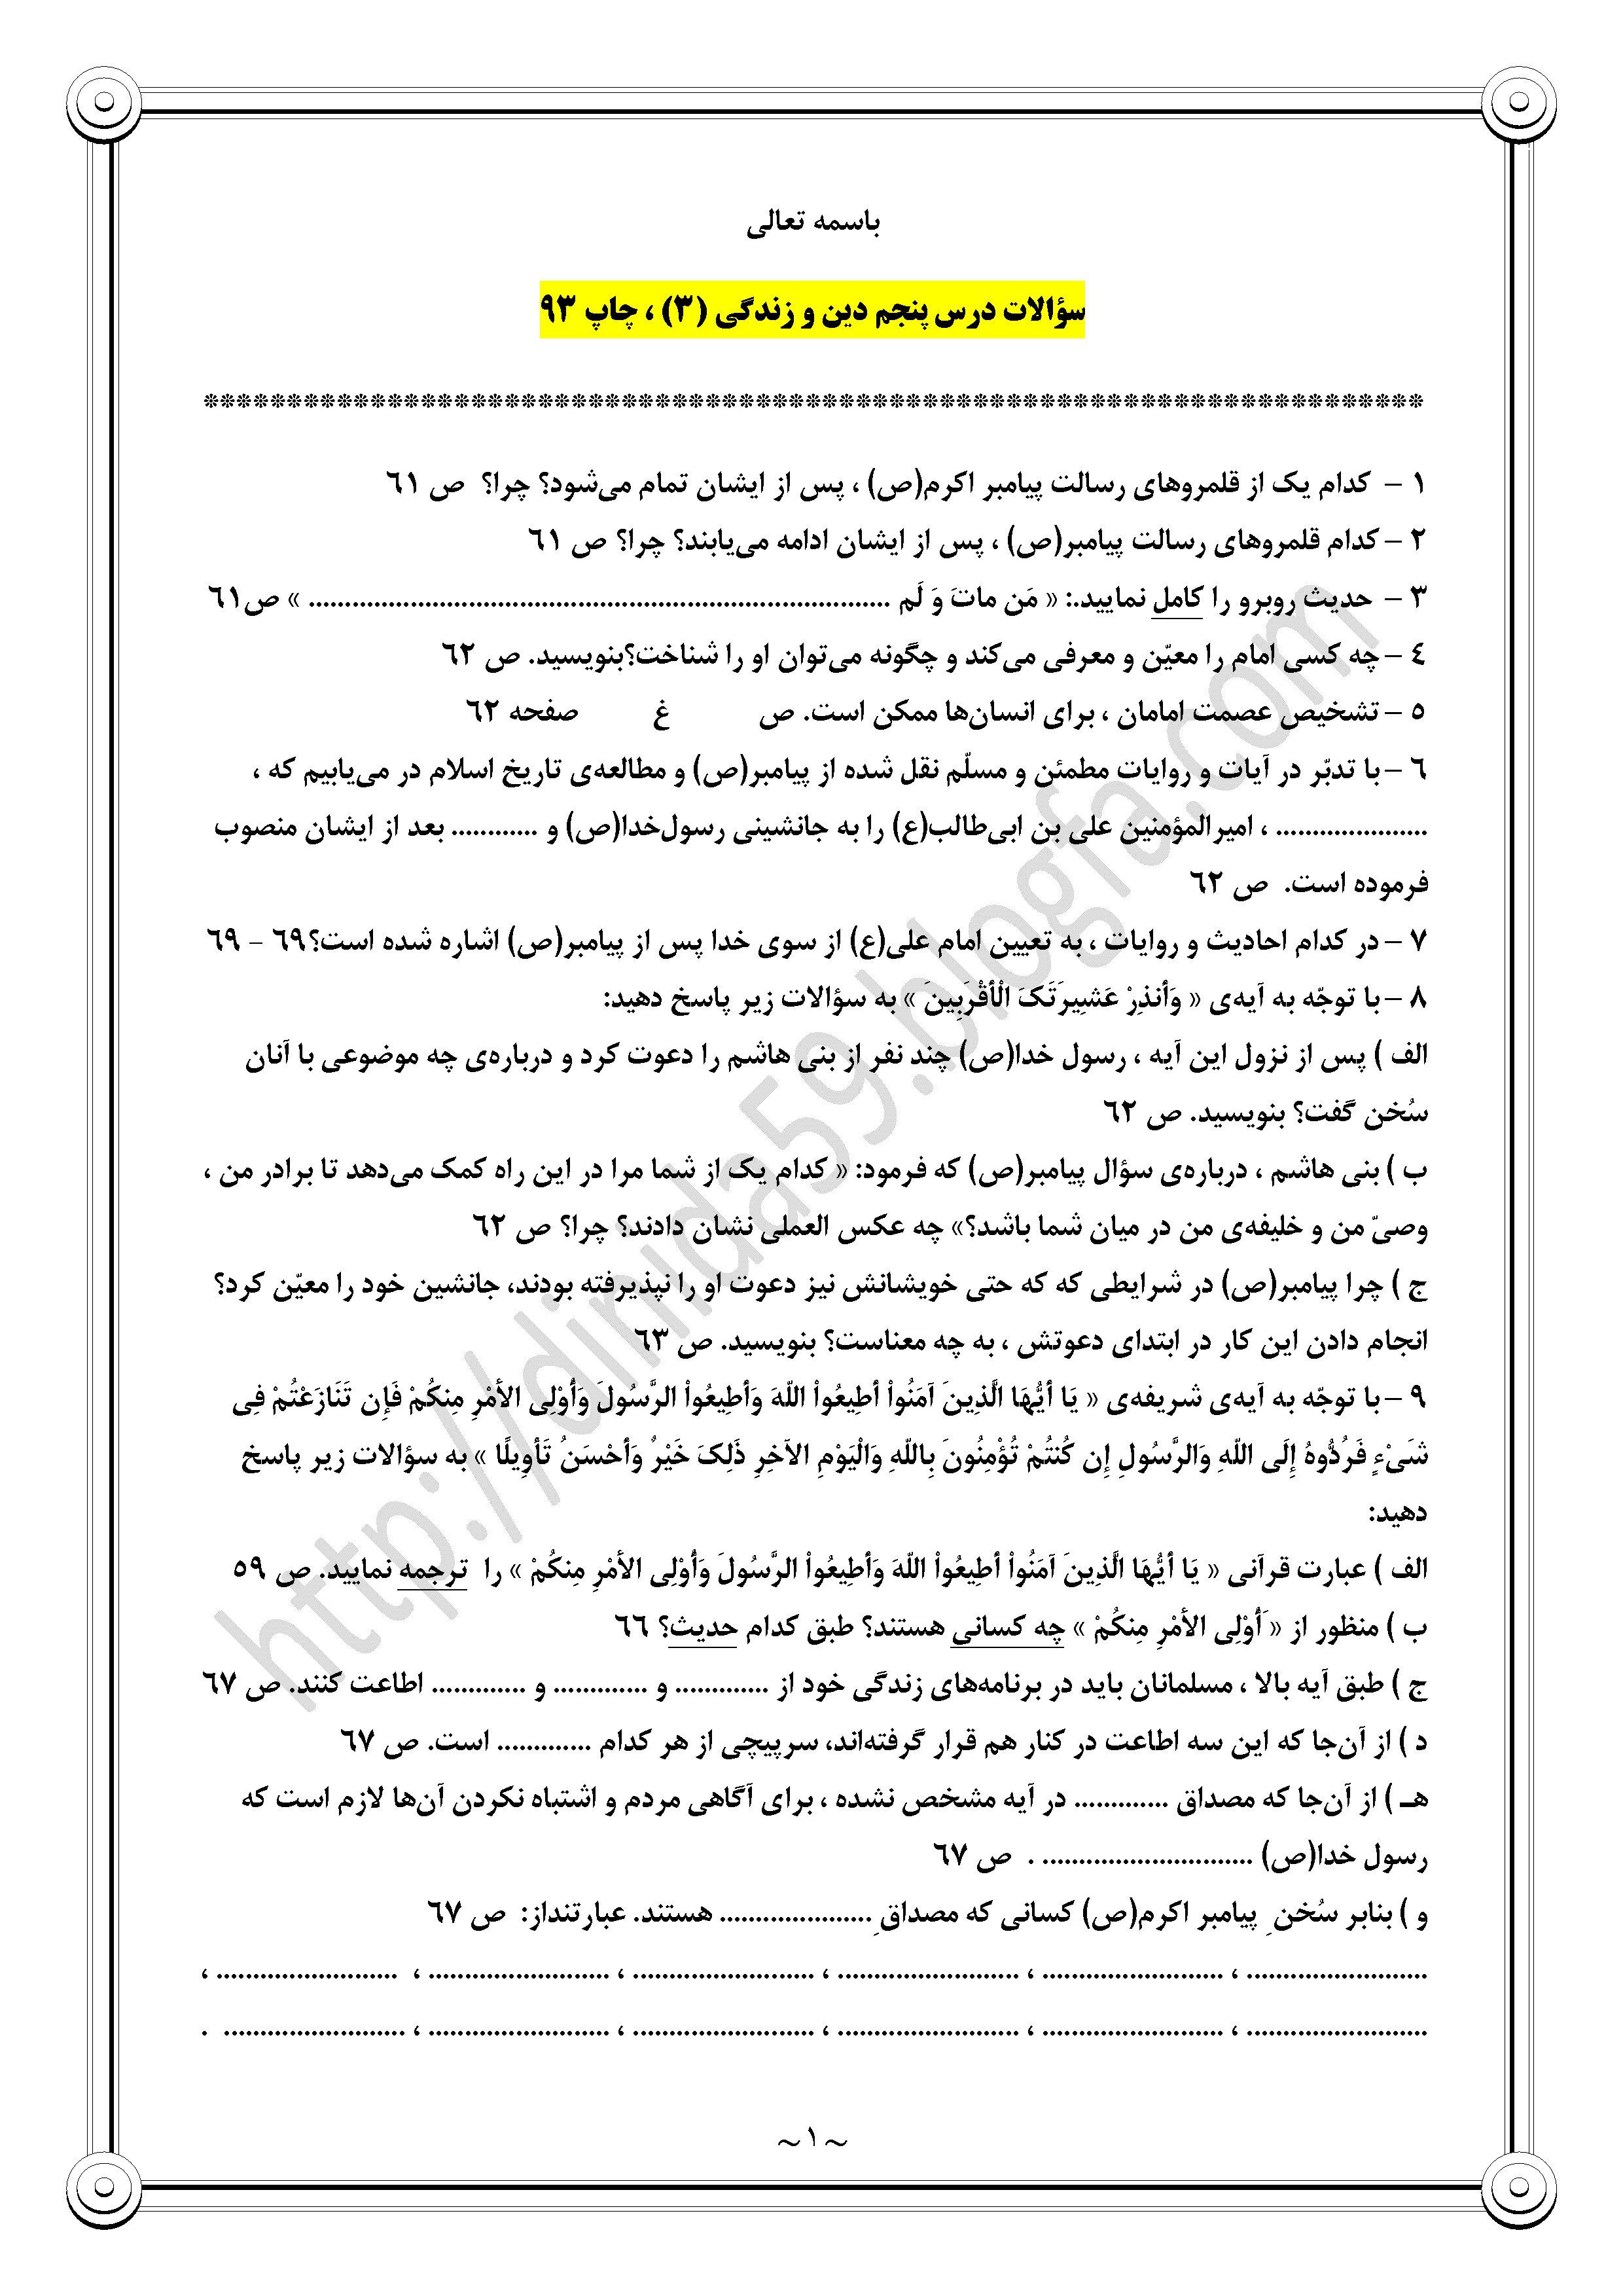 دین وزندگی تایبادسؤالات درس پنجم ، صفحه اول